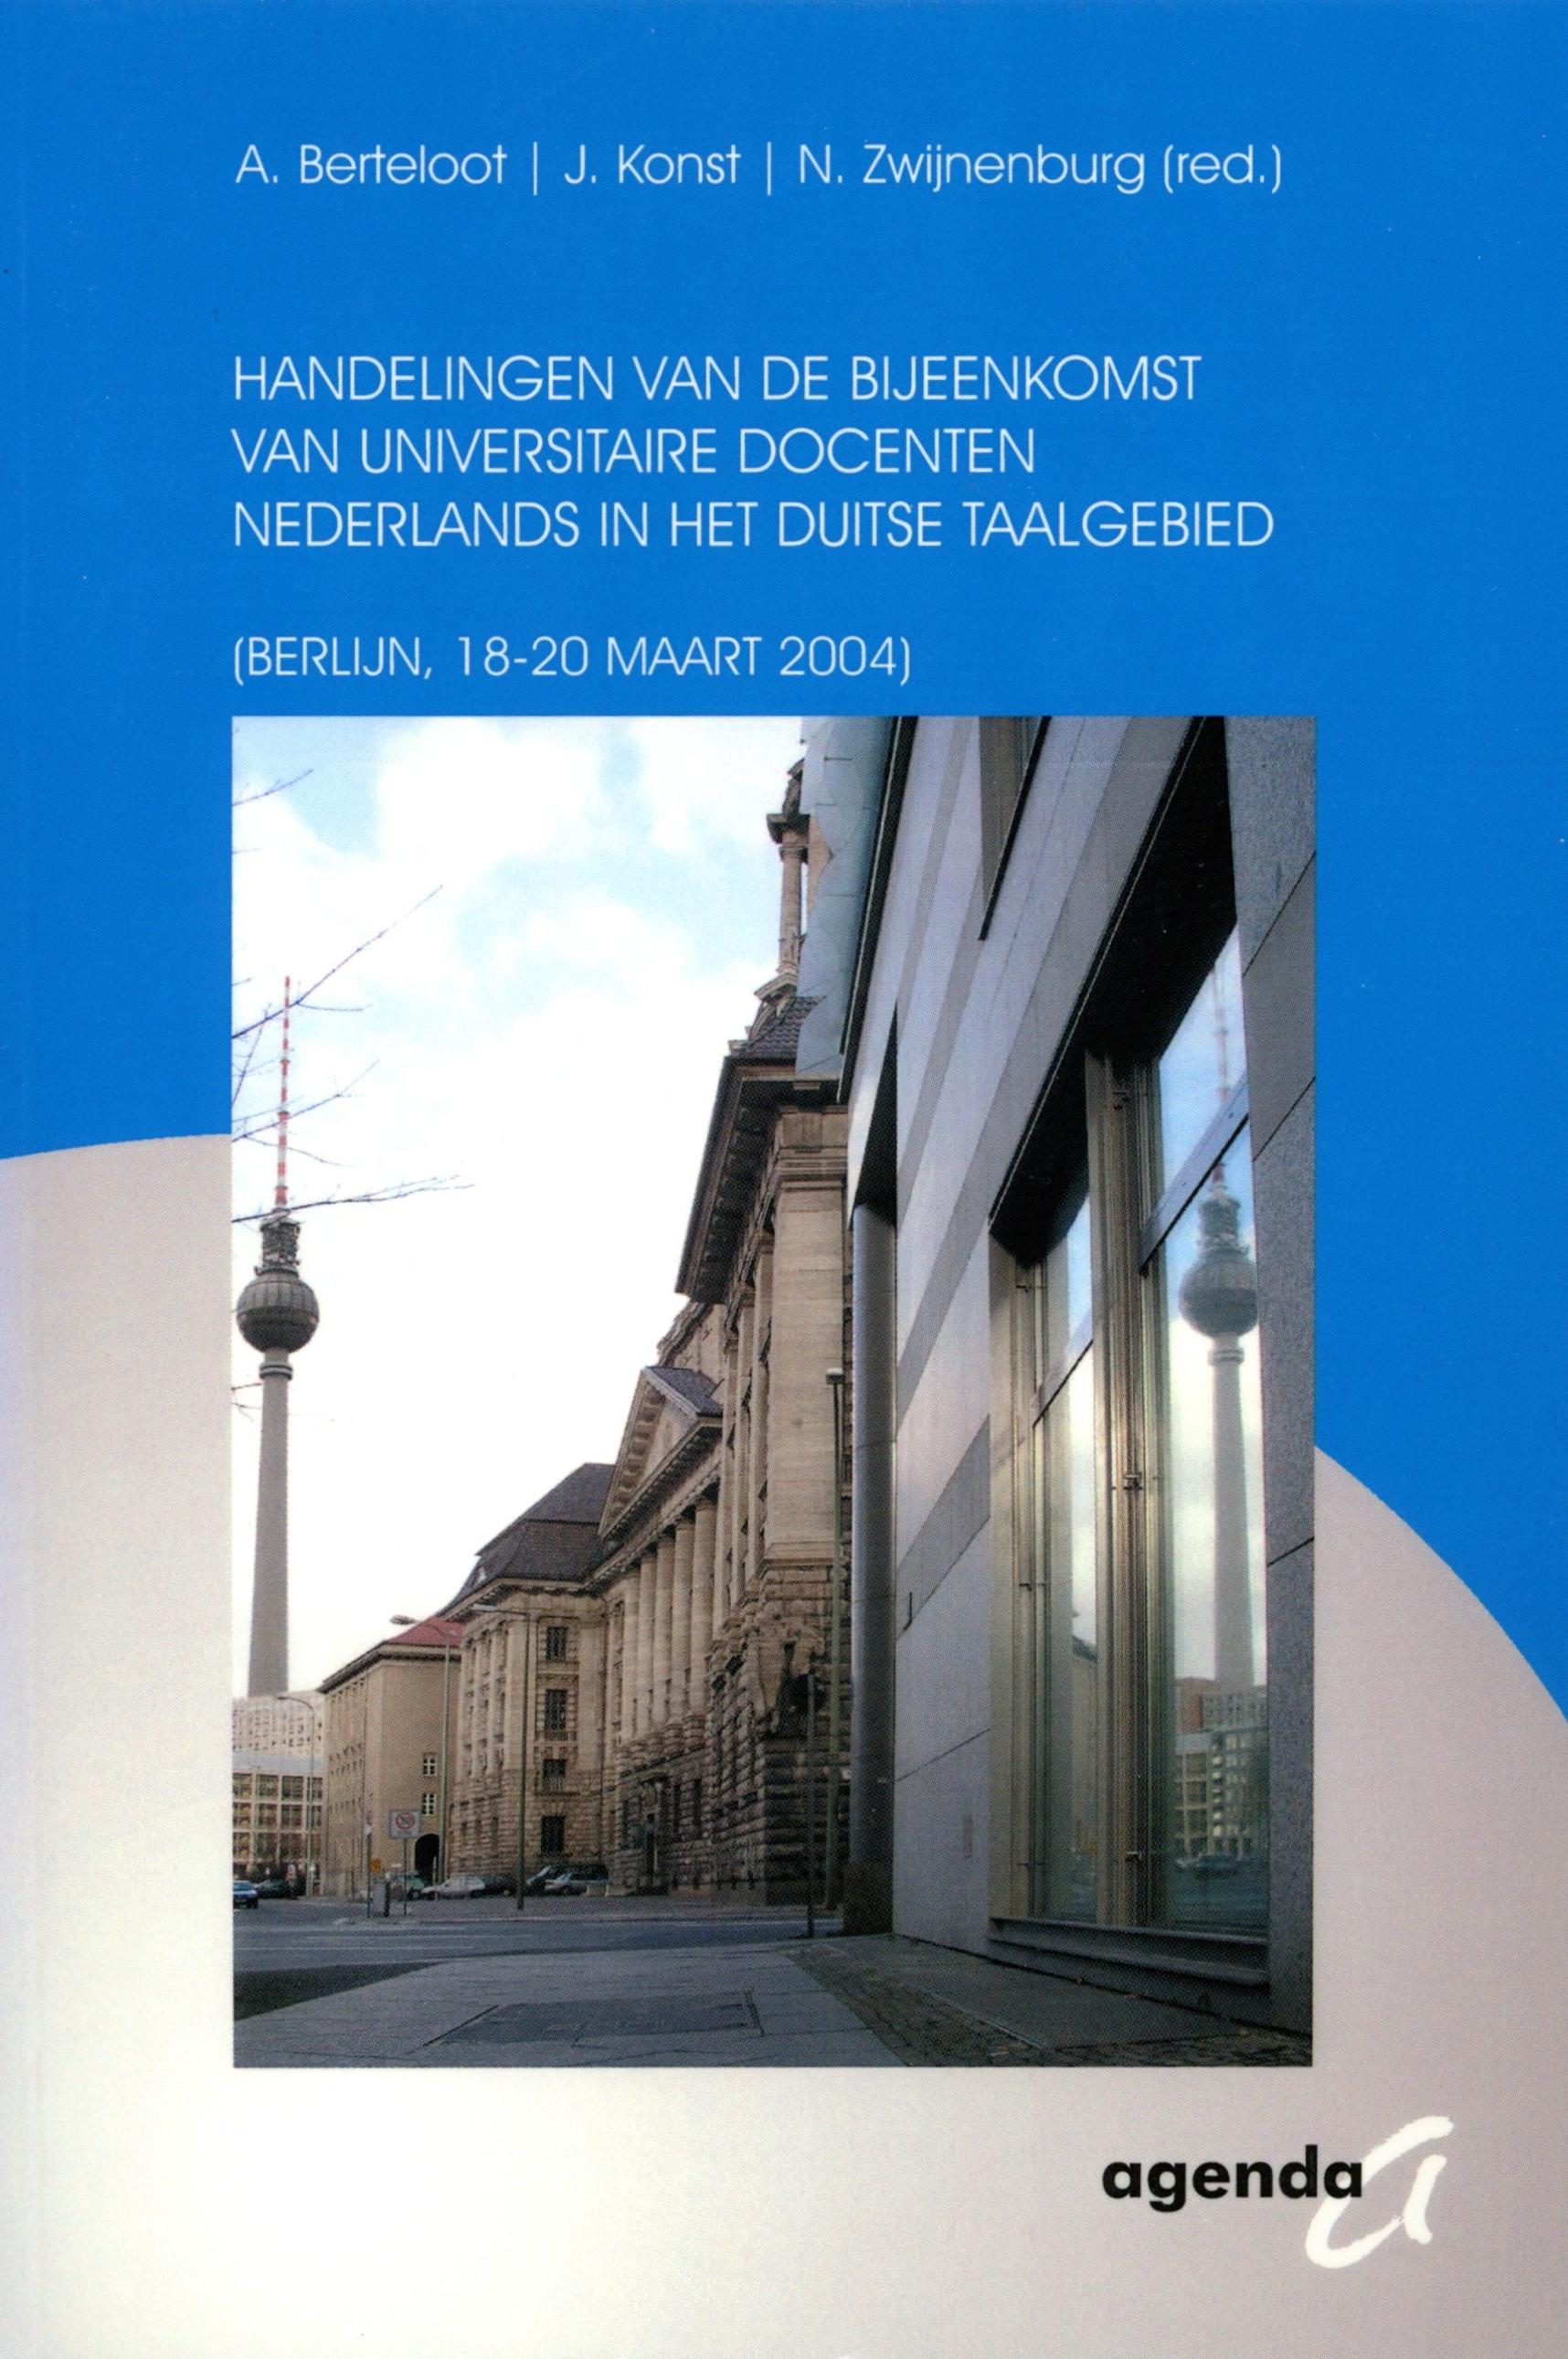 Handelingen van de bijeenkomst van universitaire docenten Nederlands in het Duitse taalgebied